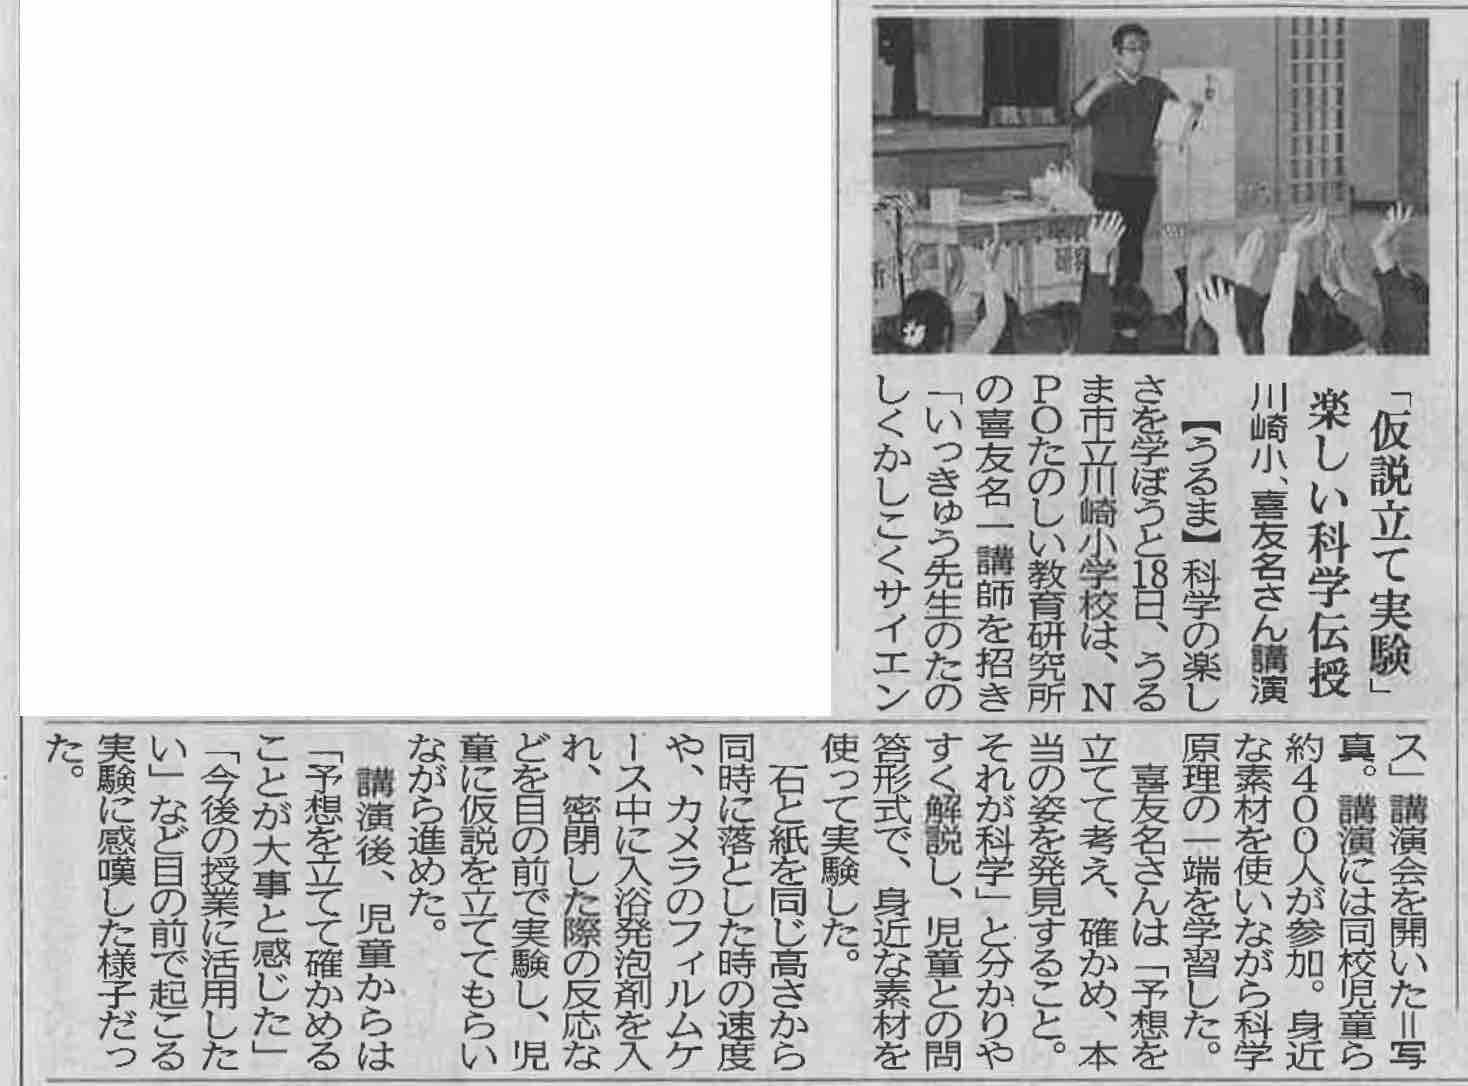 川崎小新聞記事2017-01-29